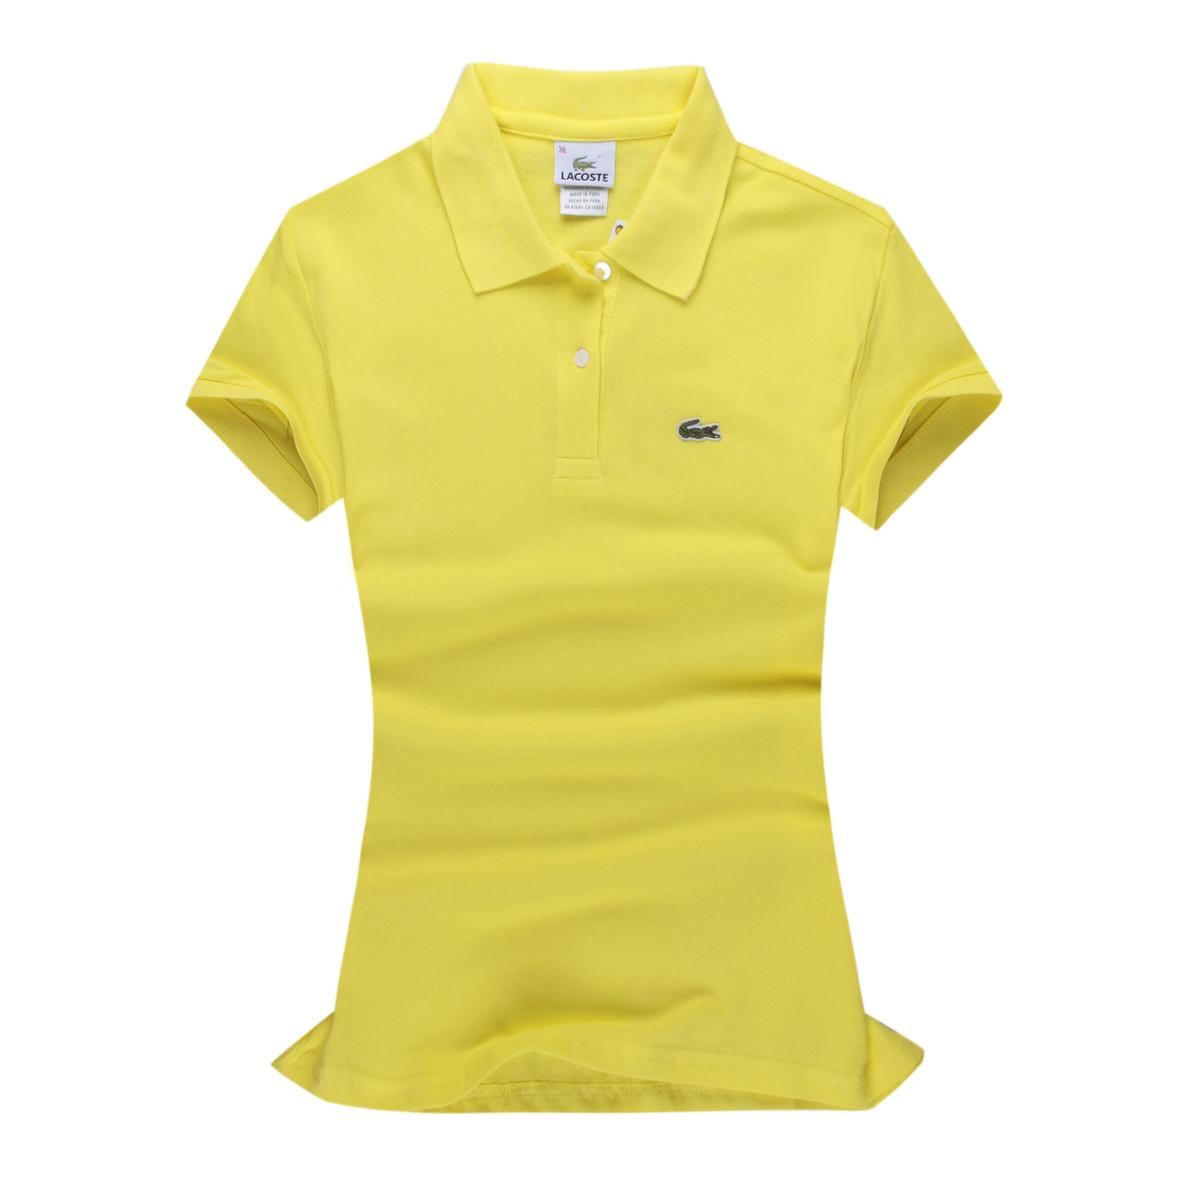 Lacoste 100% бавовна РІЗНІ кольори жіноча футболка поло лакоста